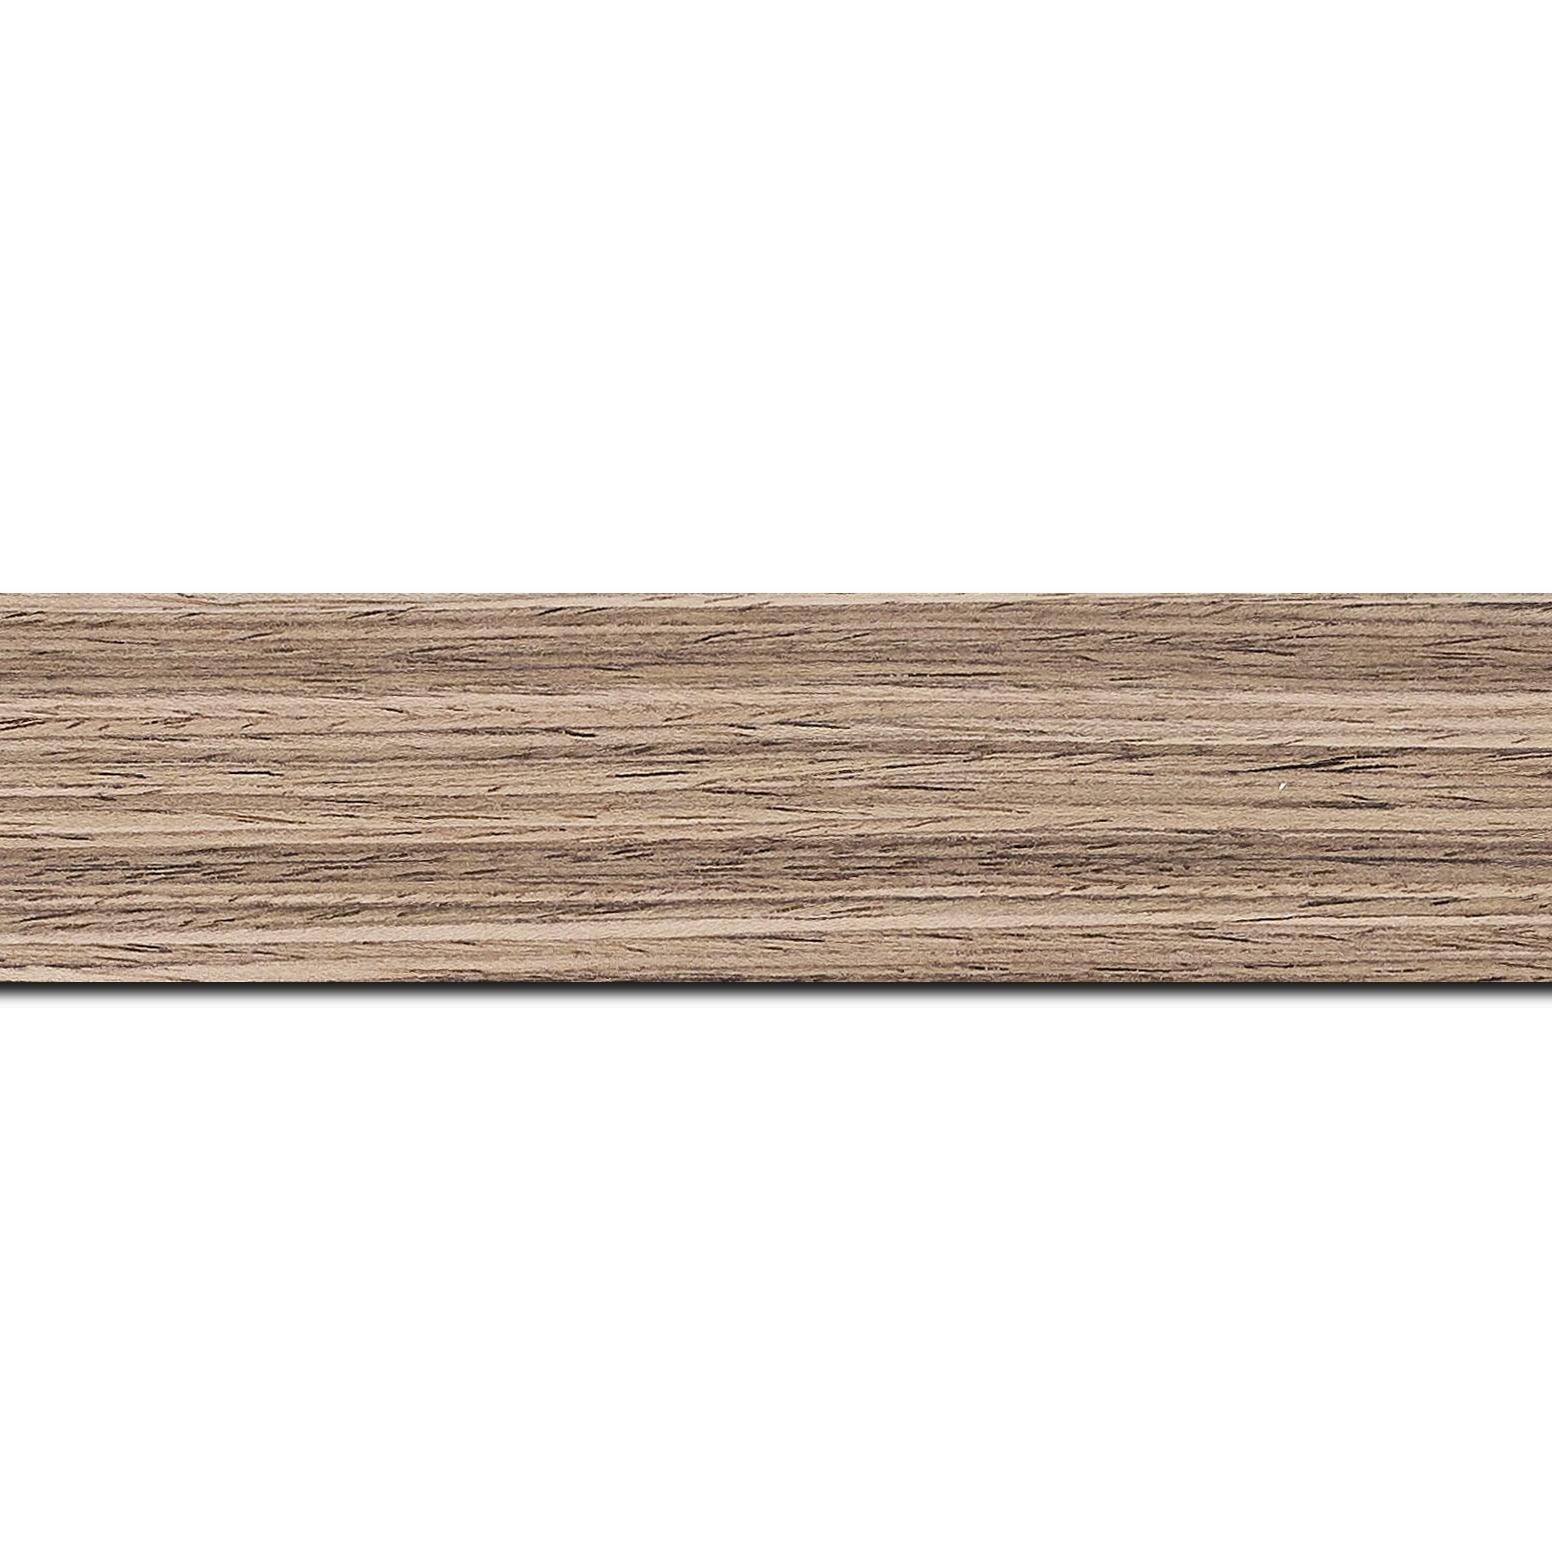 Pack par 12m, bois profil plat largeur 4cm plaquage noyer haut de gamme(longueur baguette pouvant varier entre 2.40m et 3m selon arrivage des bois)